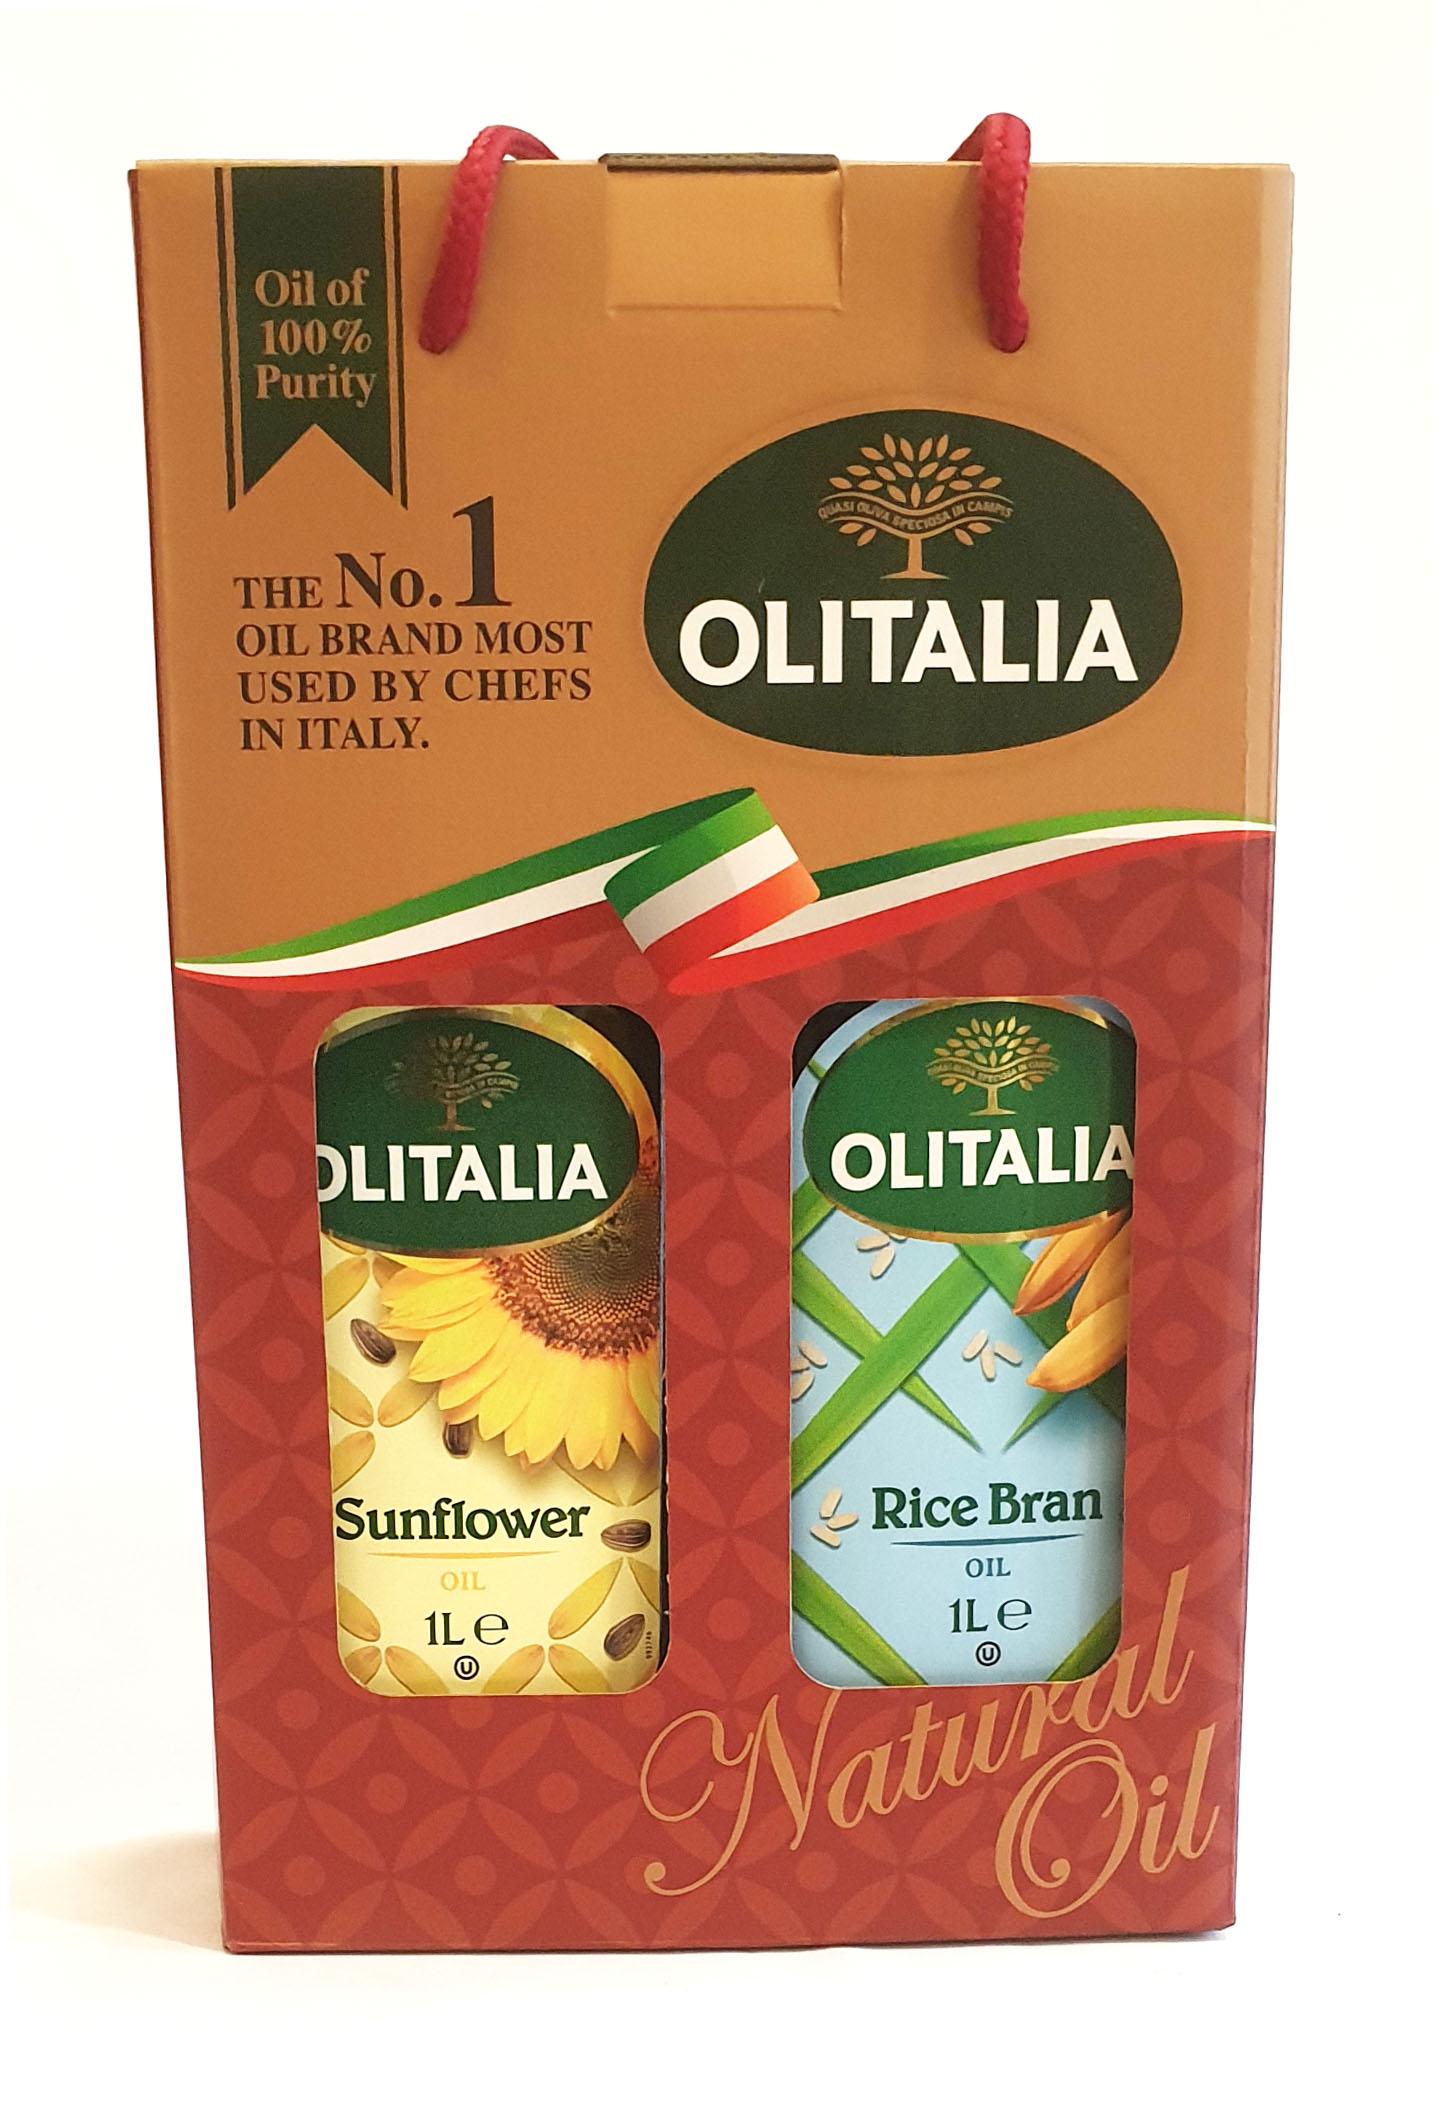 奧利塔 葵花油 芥花油禮盒組 1公升/瓶 (義大利原裝進口)